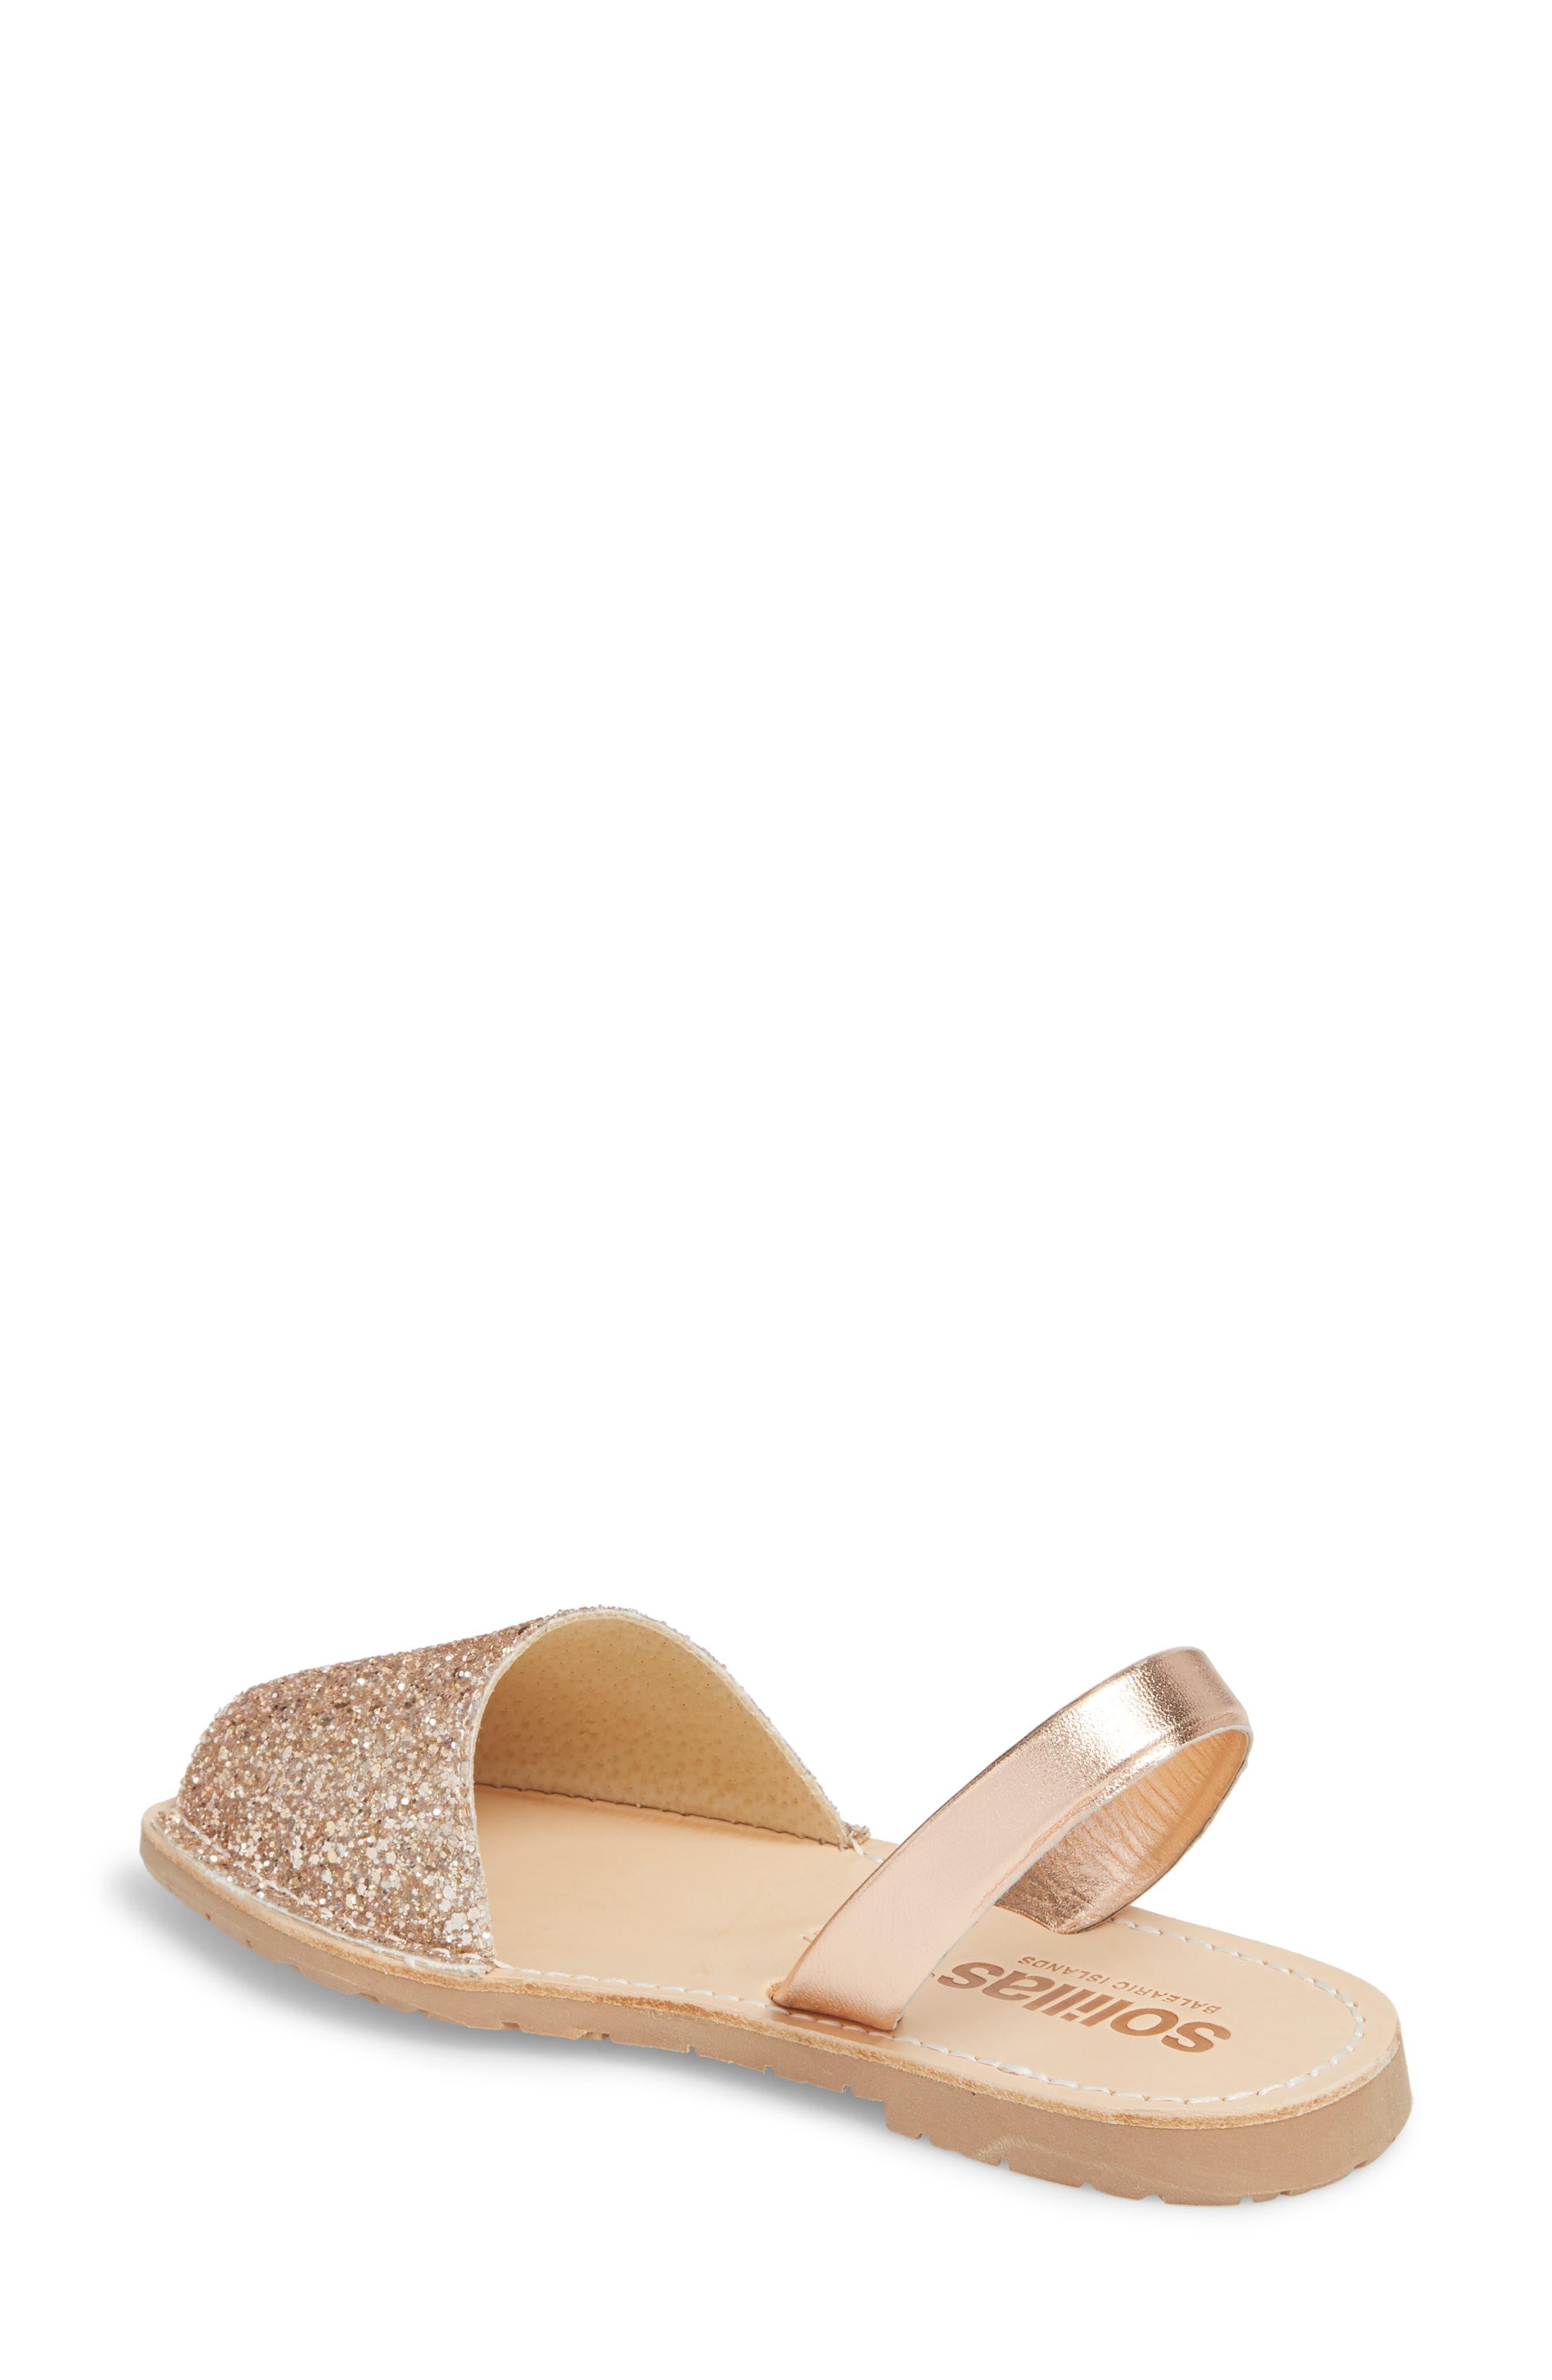 Flat Sandal,                             Alternate thumbnail 2, color,                             698